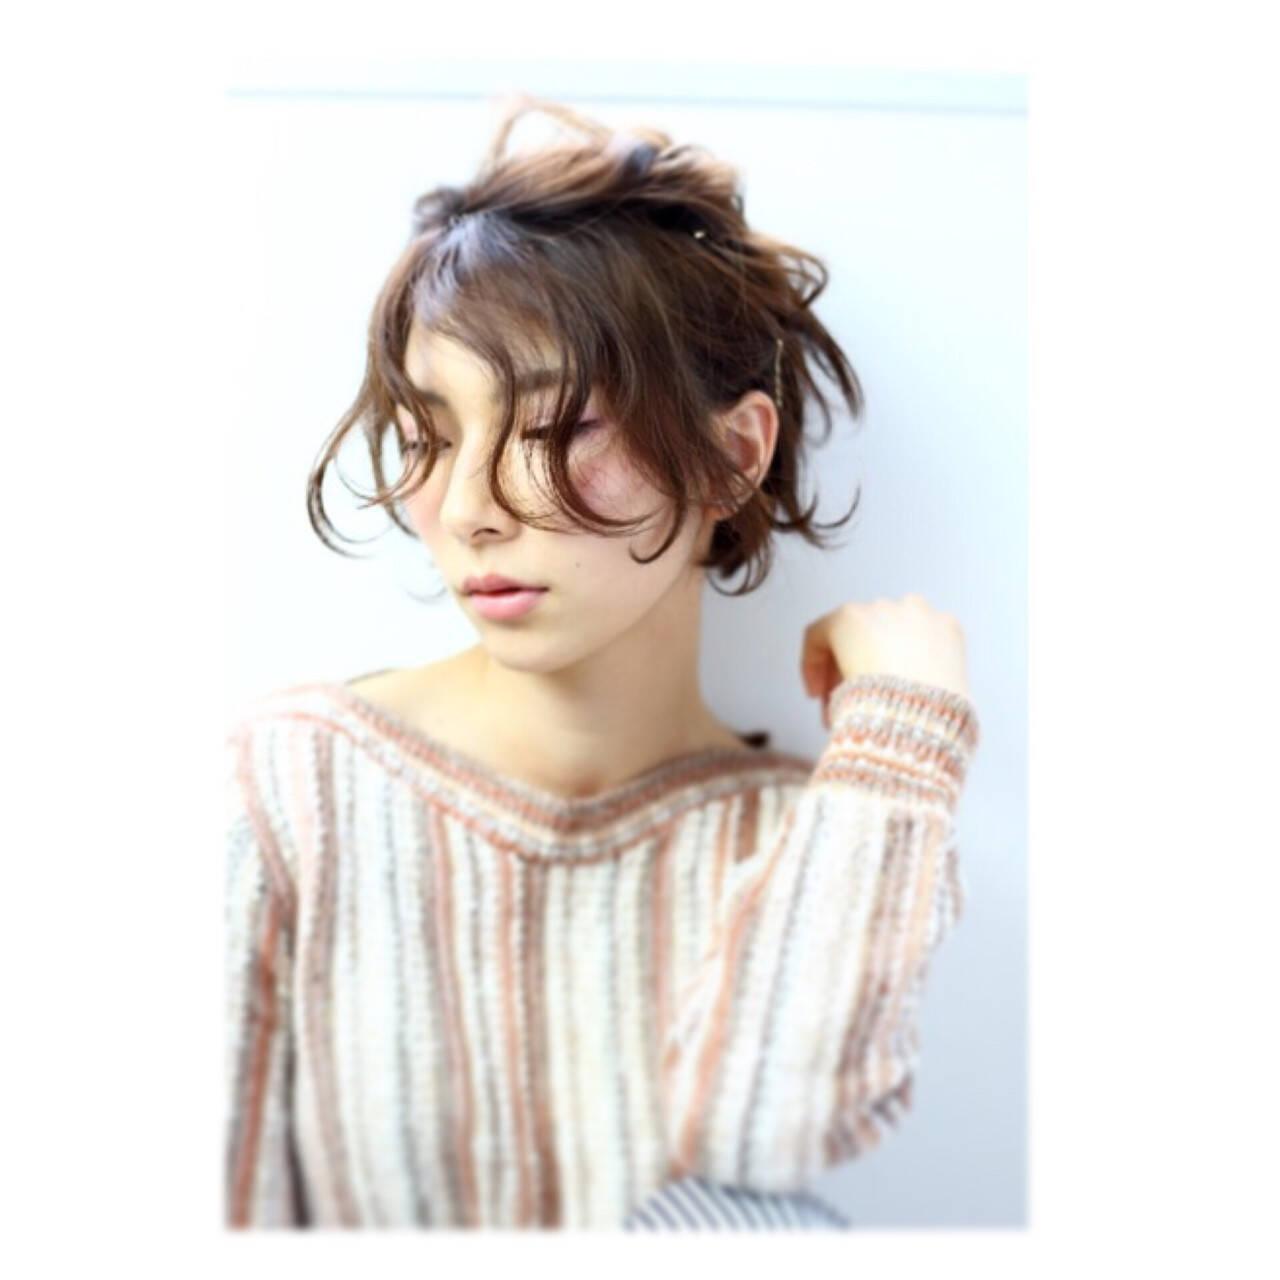 抜け感 ボブ パーマ モードヘアスタイルや髪型の写真・画像